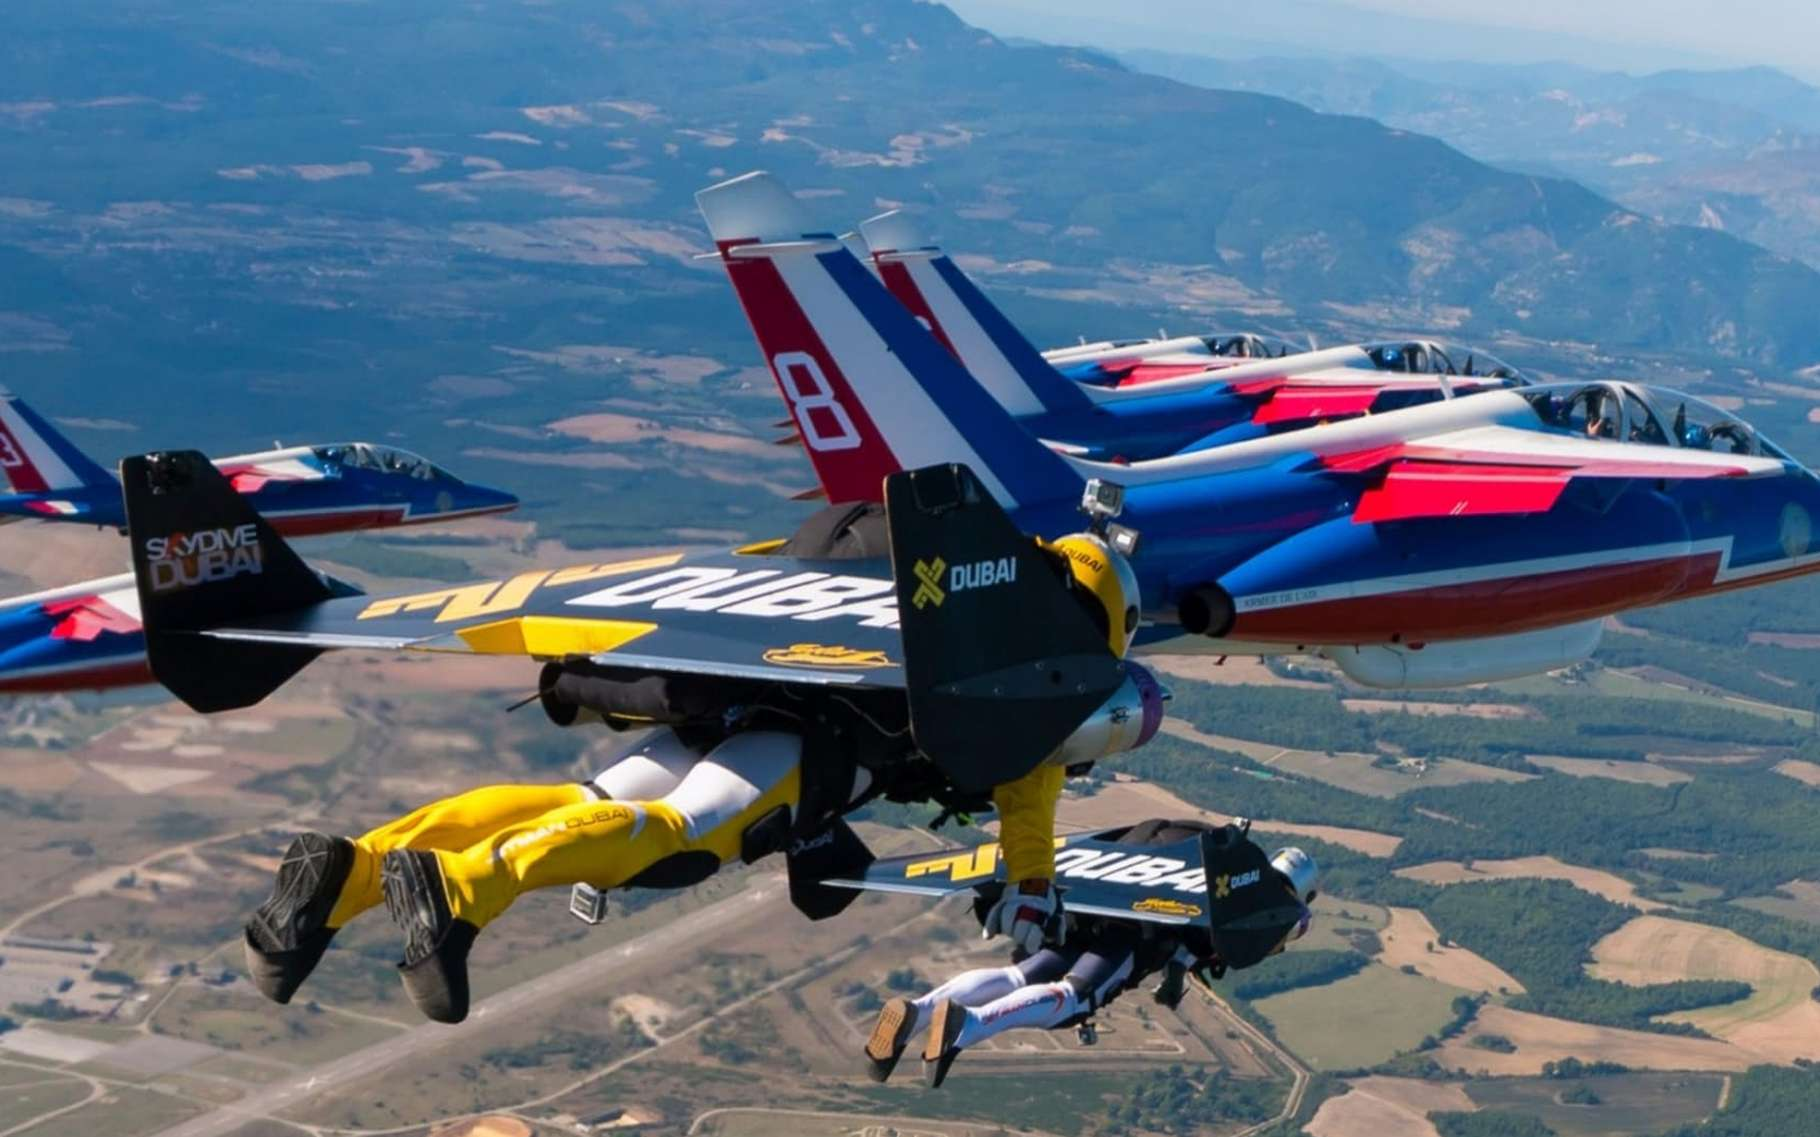 Trois hommes équipés du jetpack d'Yves Rossy (dont lui-même) volent en patrouille avec les huit Alphajet de la Patrouille de France, en octobre 2016. © Airborne